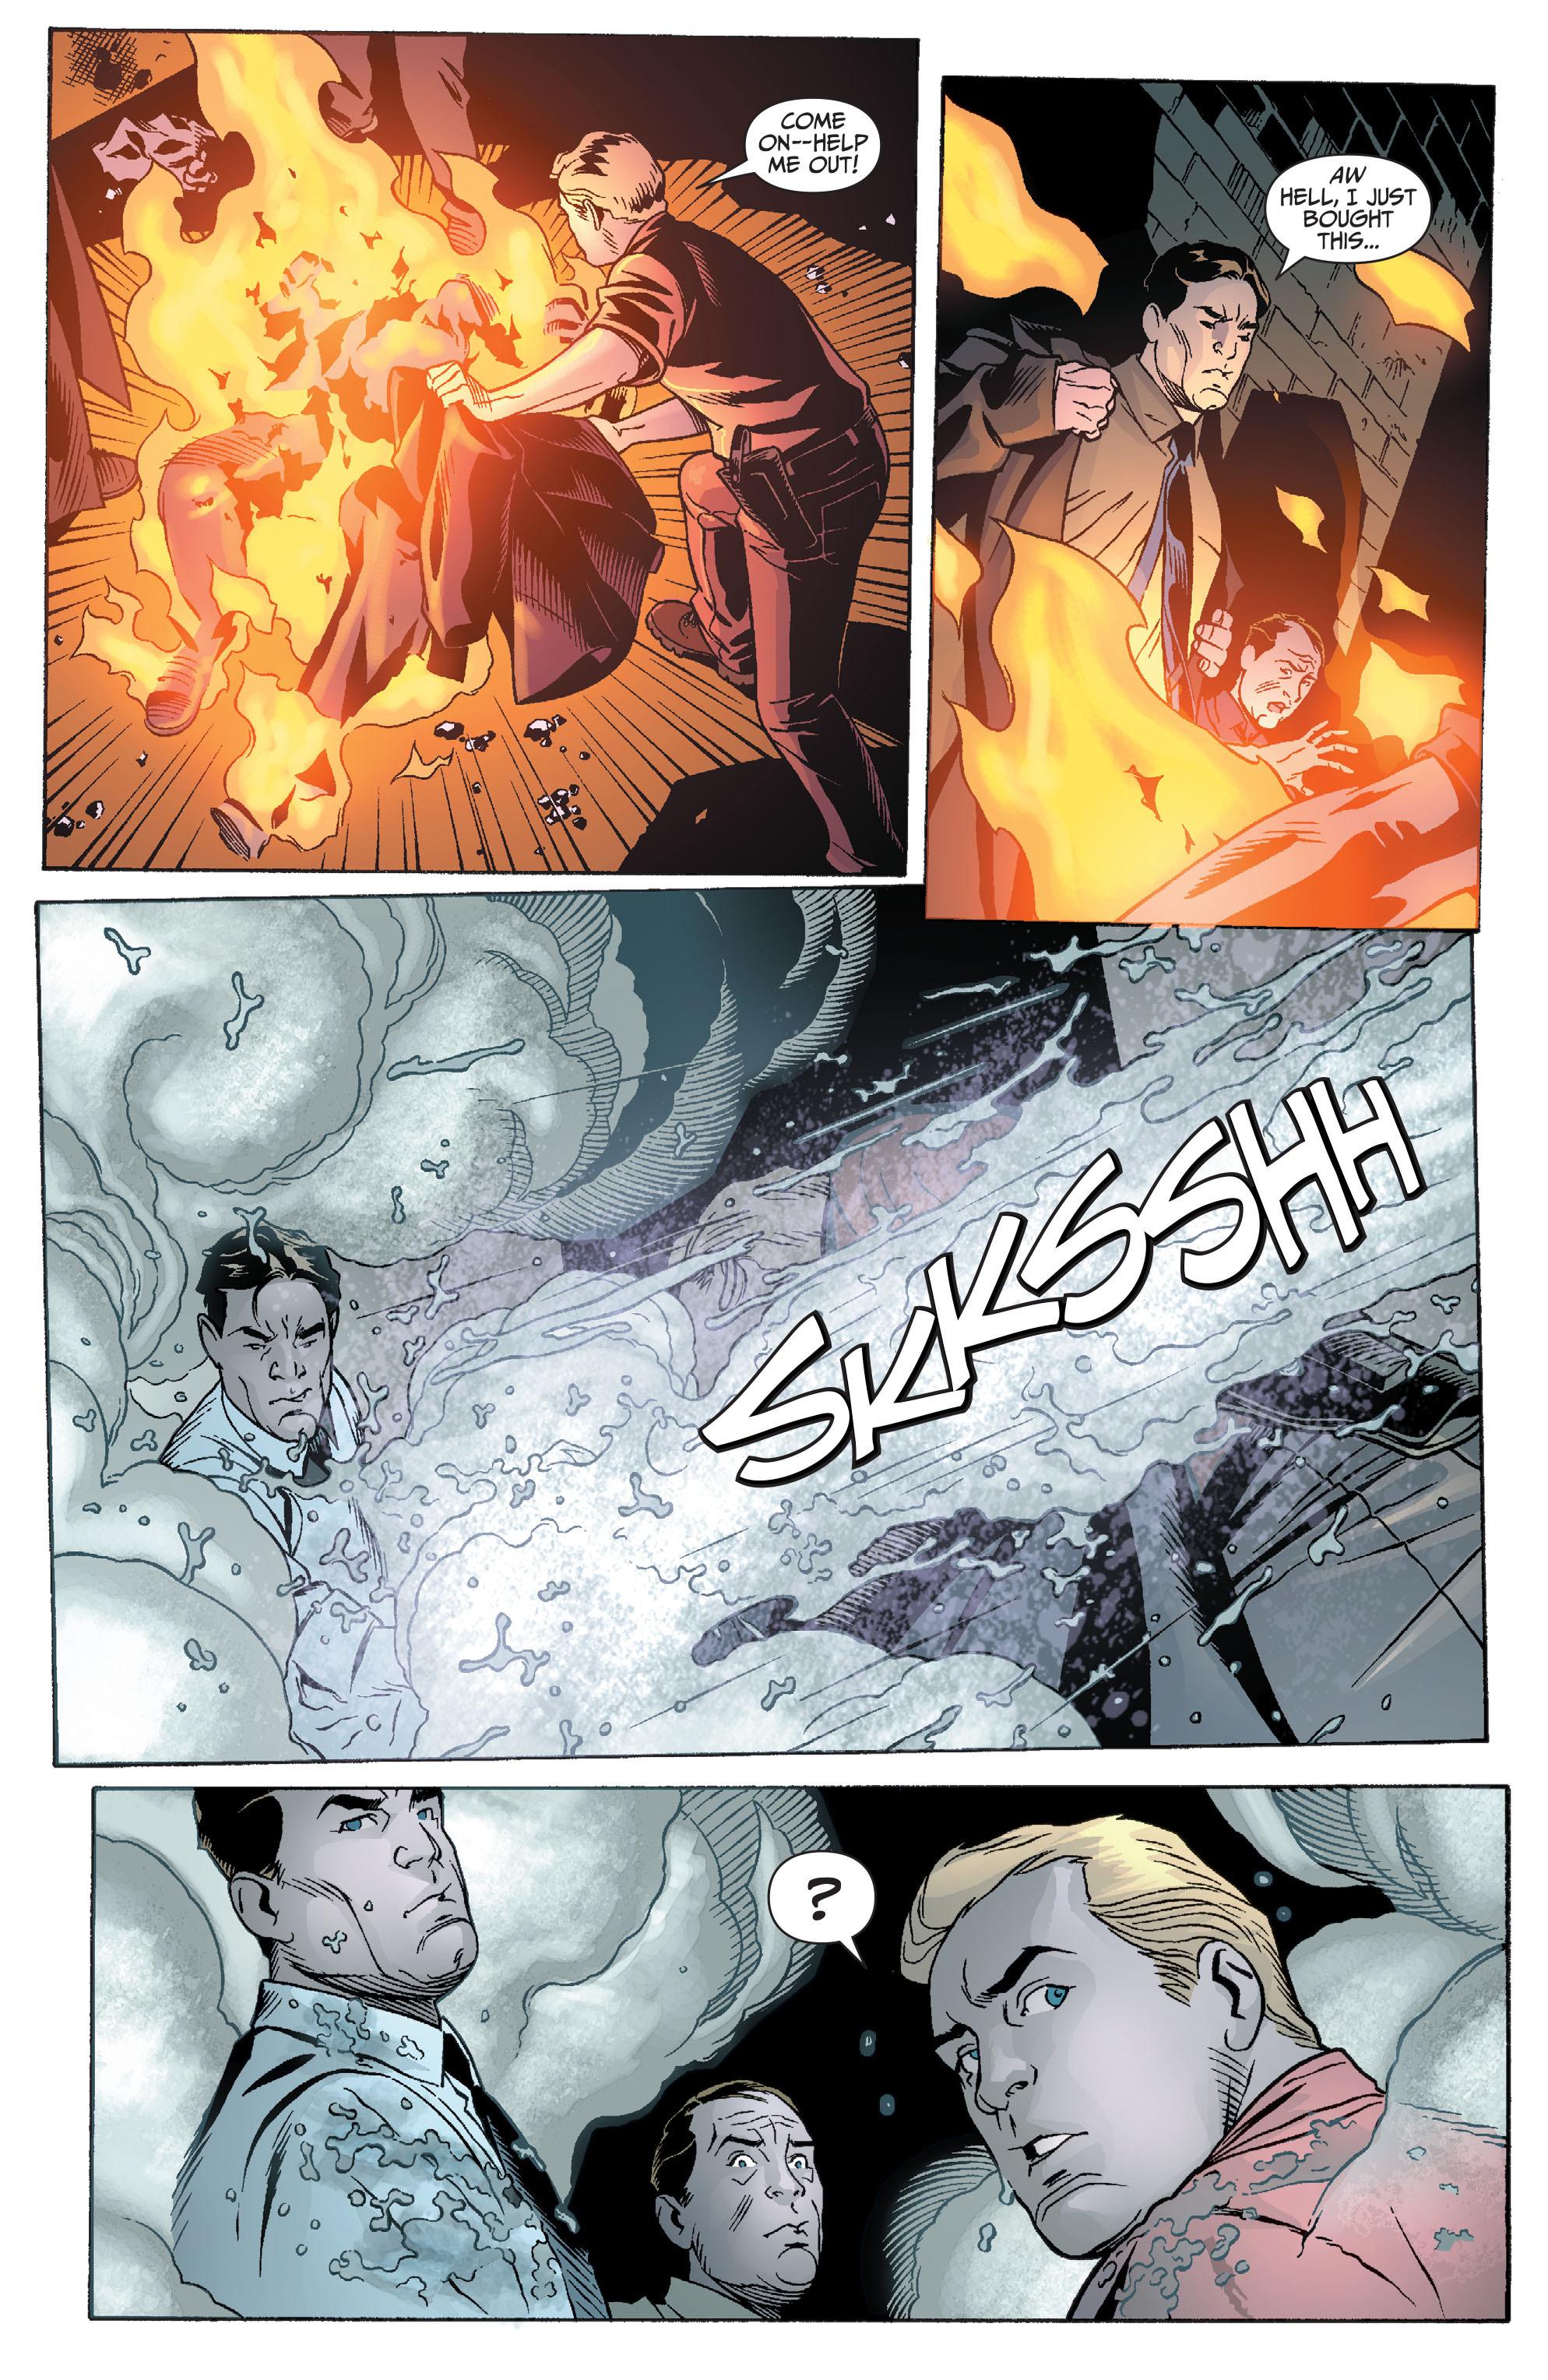 DC Comics: Zero Year chap tpb pic 260